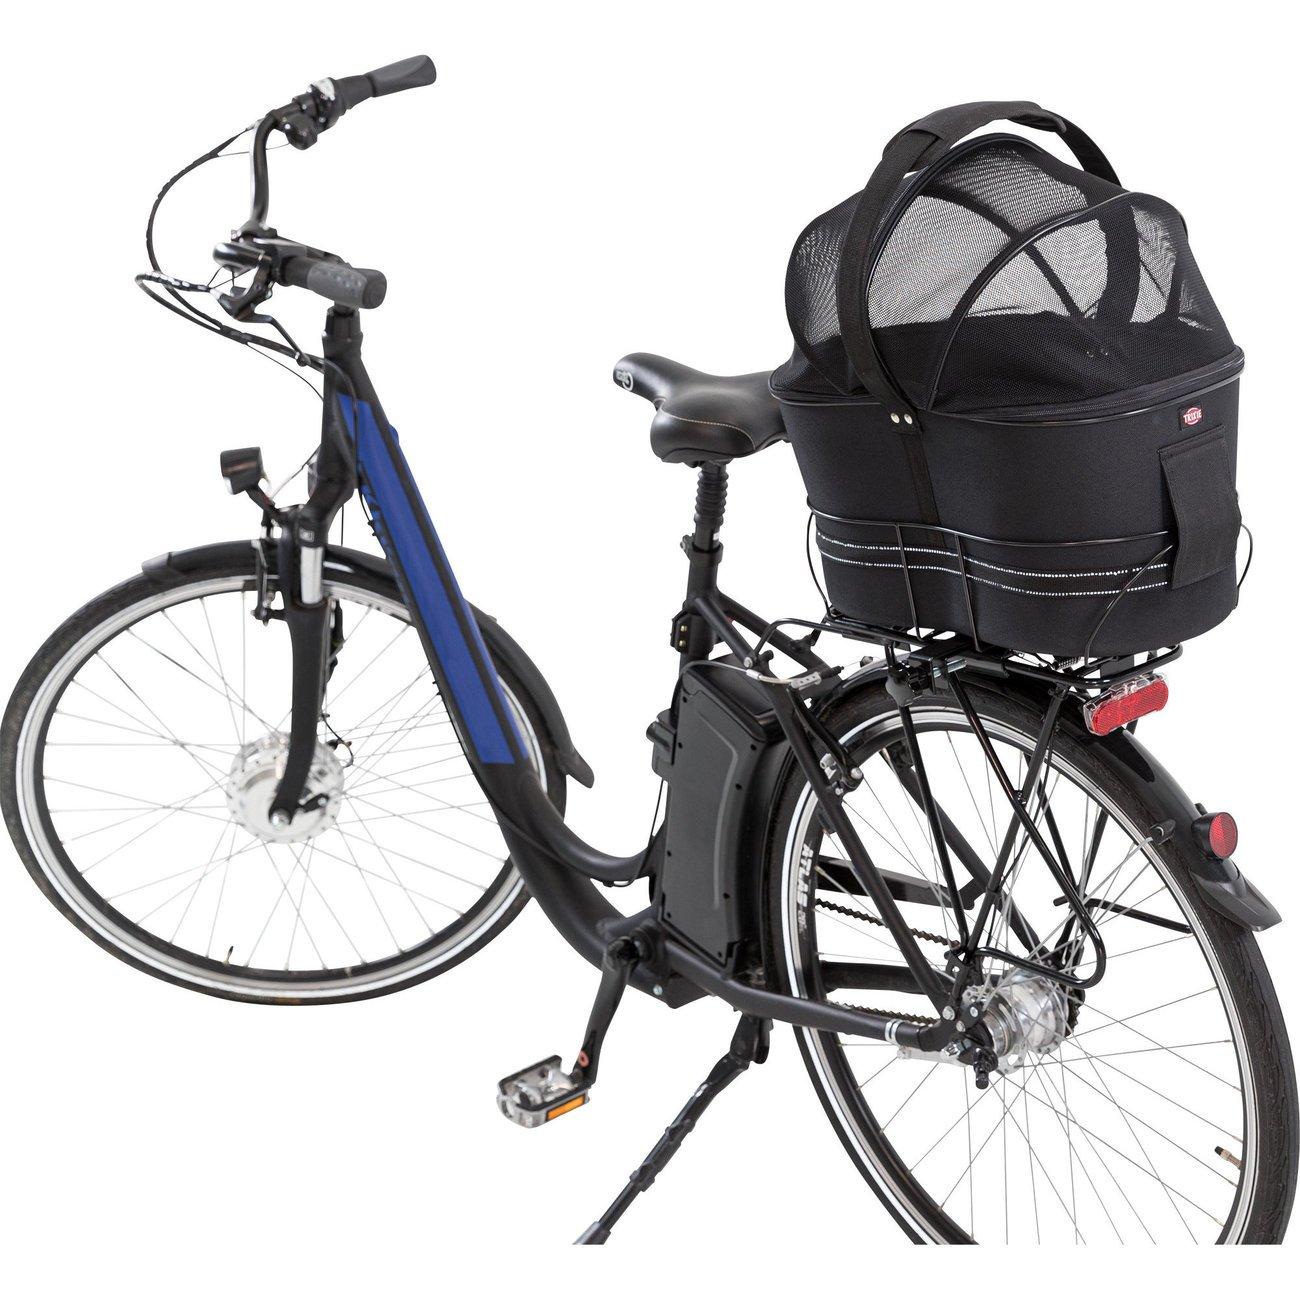 TRIXIE Hunde-Fahrradkorb für schmale Gepäckträger 13111, Bild 4